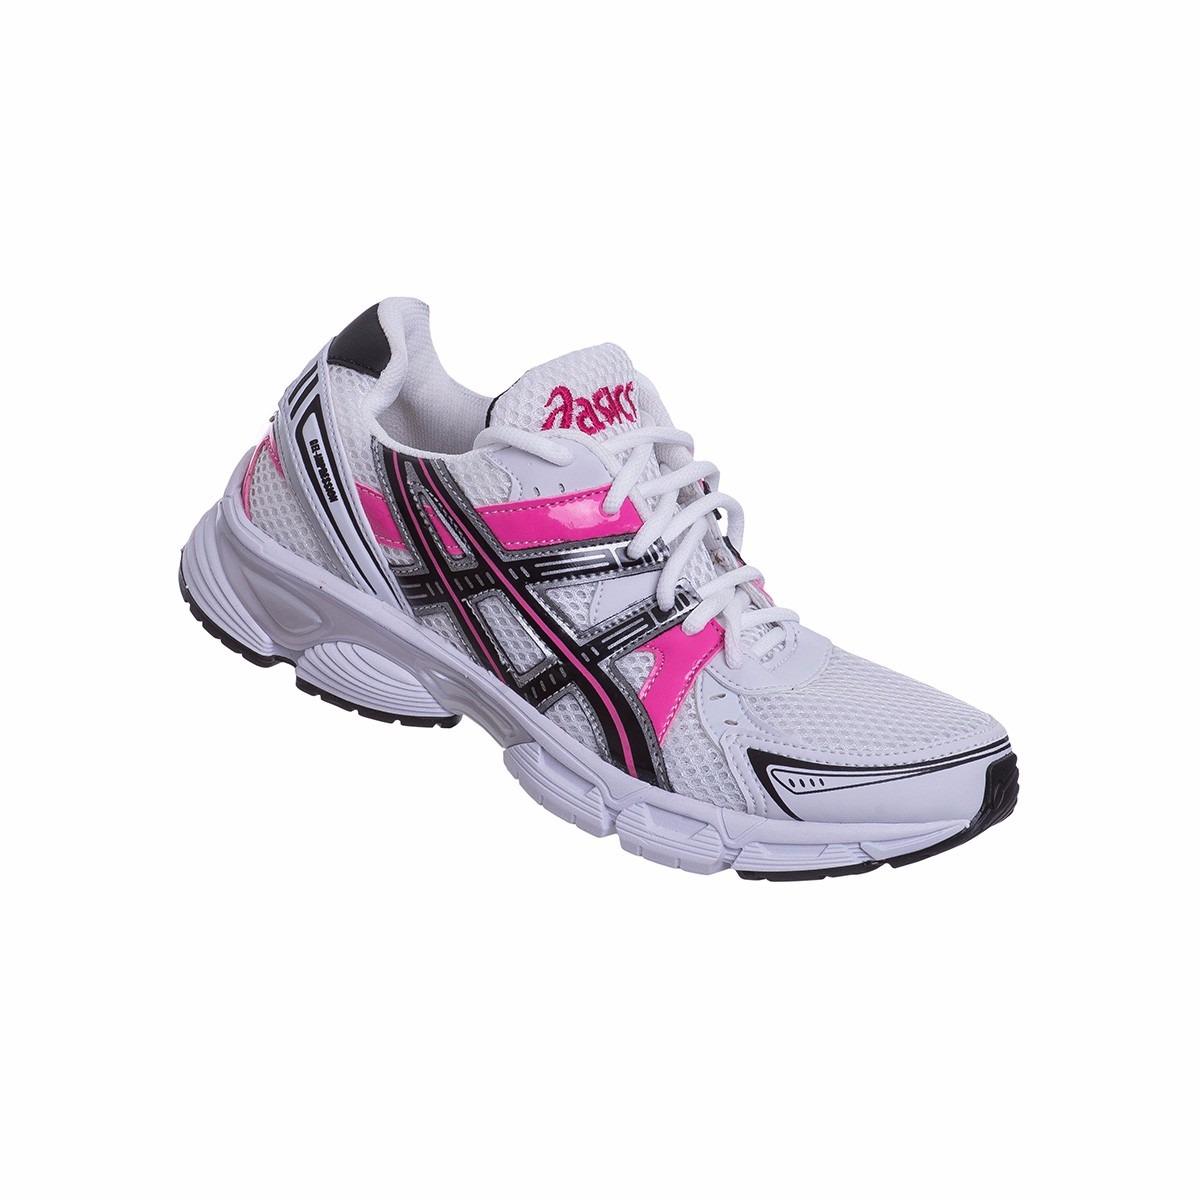 df5115de72690 tenis asics gel impression feminino caminhada corrida macio. Carregando zoom .